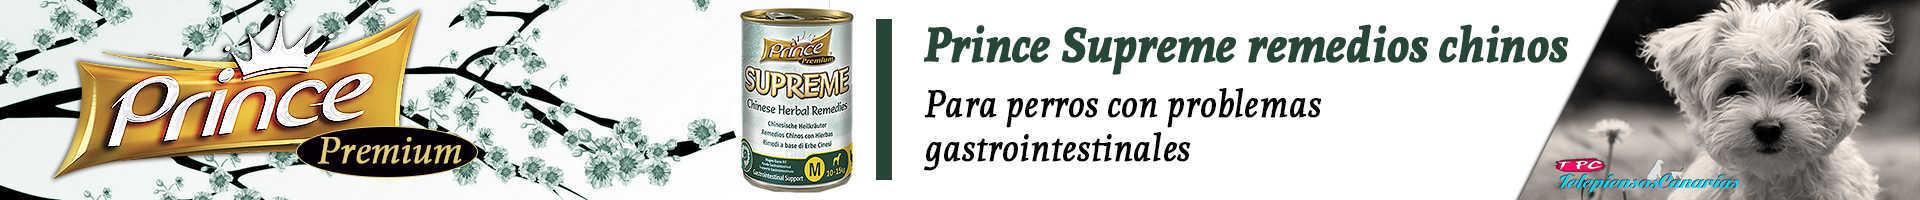 Prince supreme para perros problemas gastrointestinales